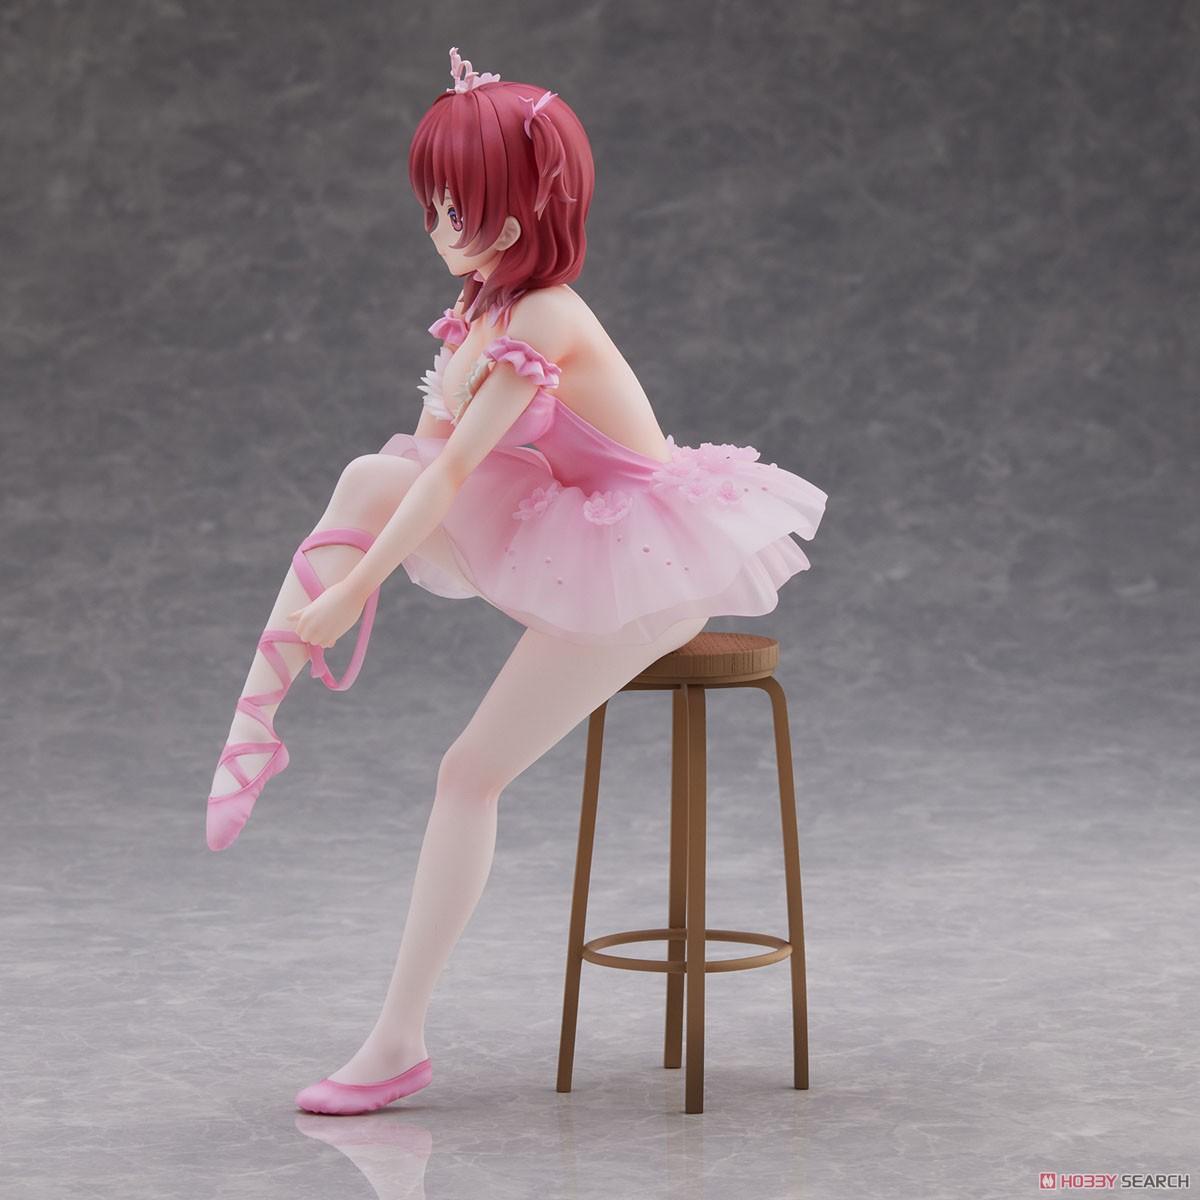 Anmiイラスト『フラミンゴバレエ団 赤髪の子』完成品フィギュア-003